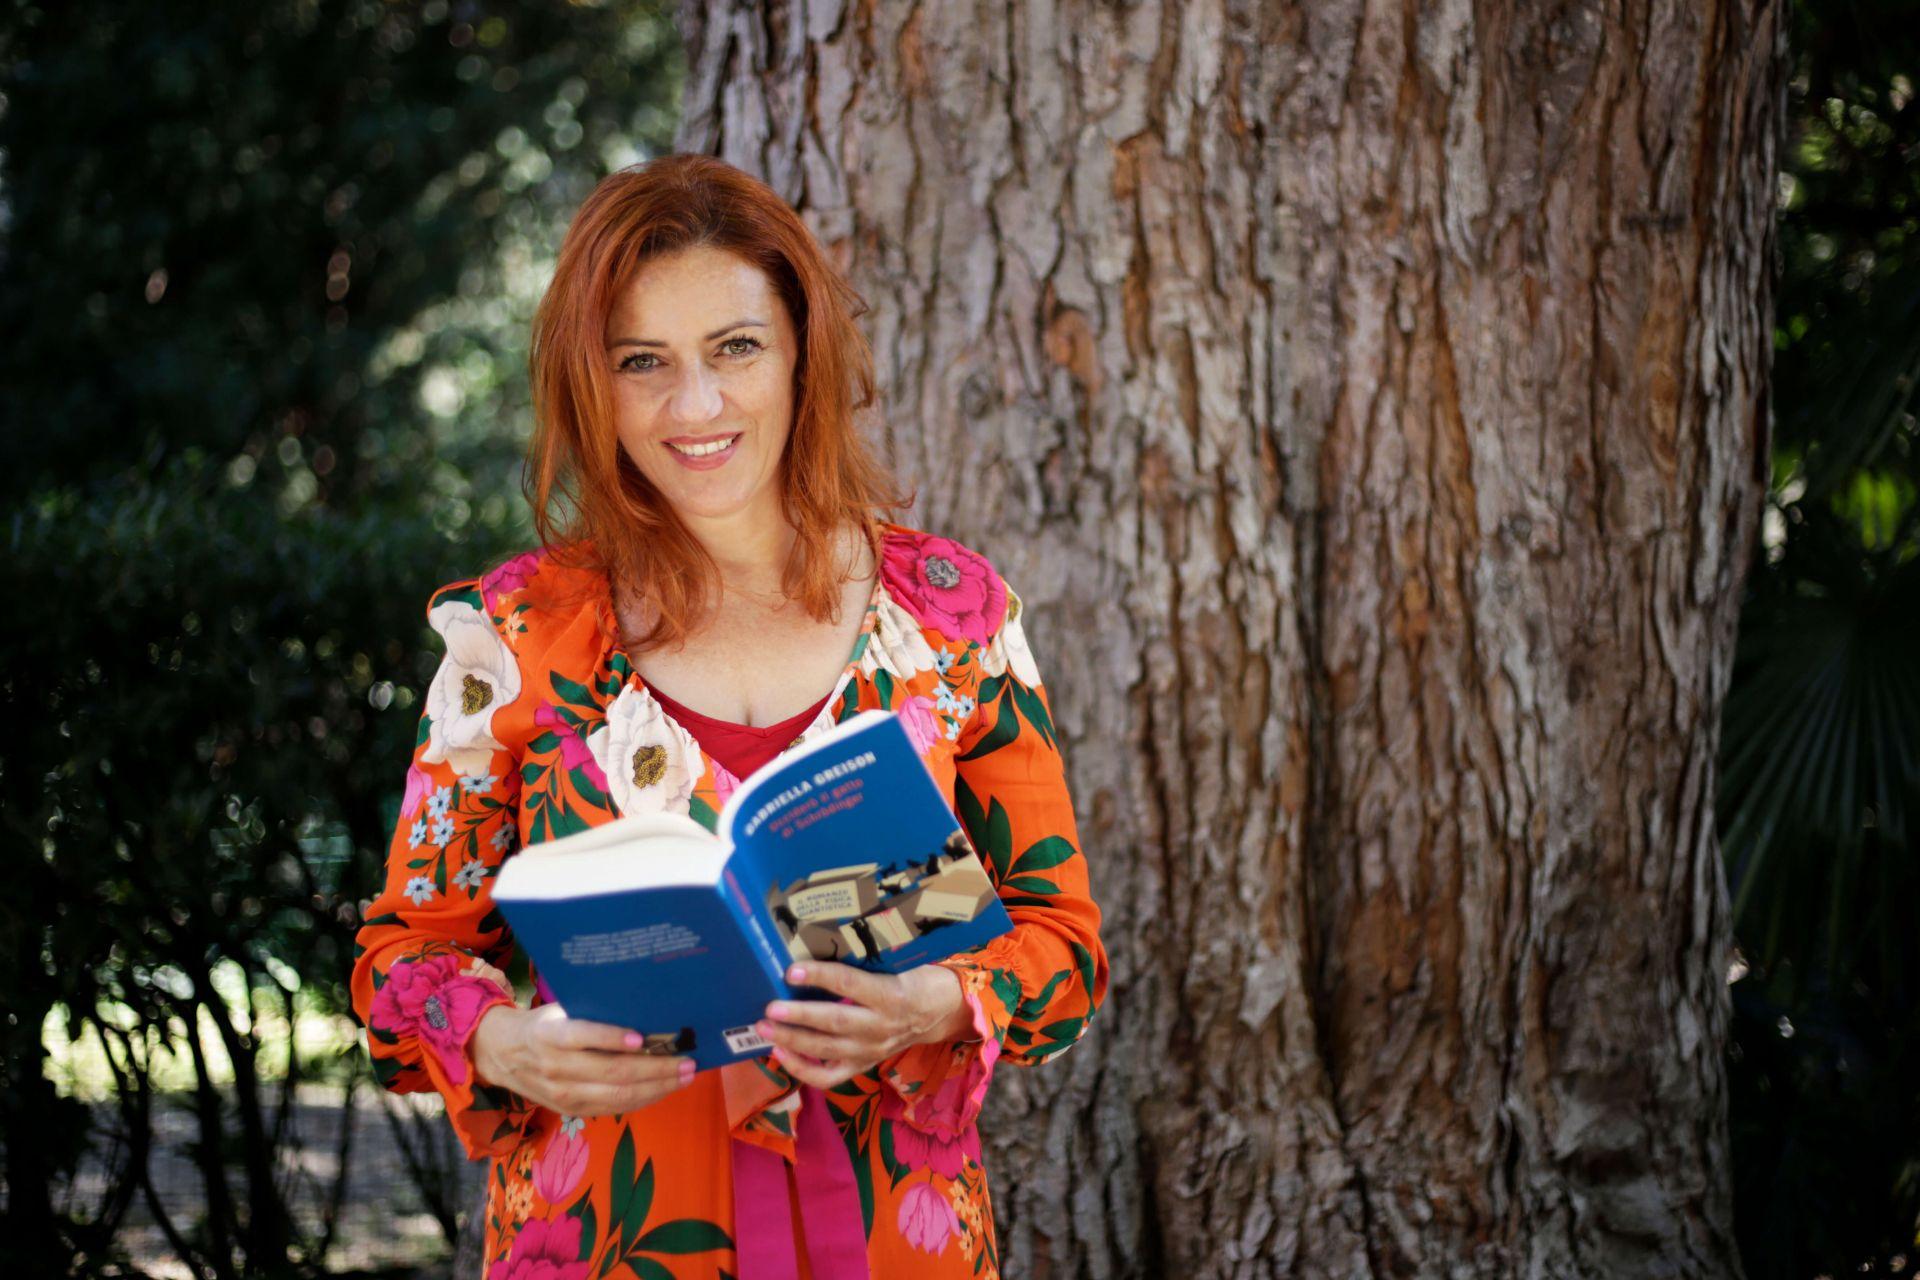 Nuove foto del contest a cui ho partecipato…stavolta il tema è 'studiosa', bellissime!